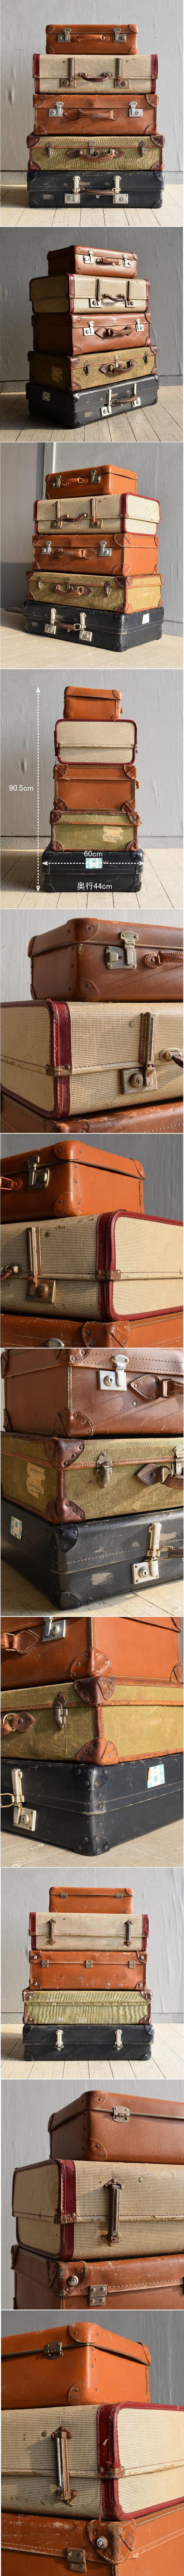 イギリス アンティーク スーツケース×5 トランク ディスプレイ 旅行鞄 7928